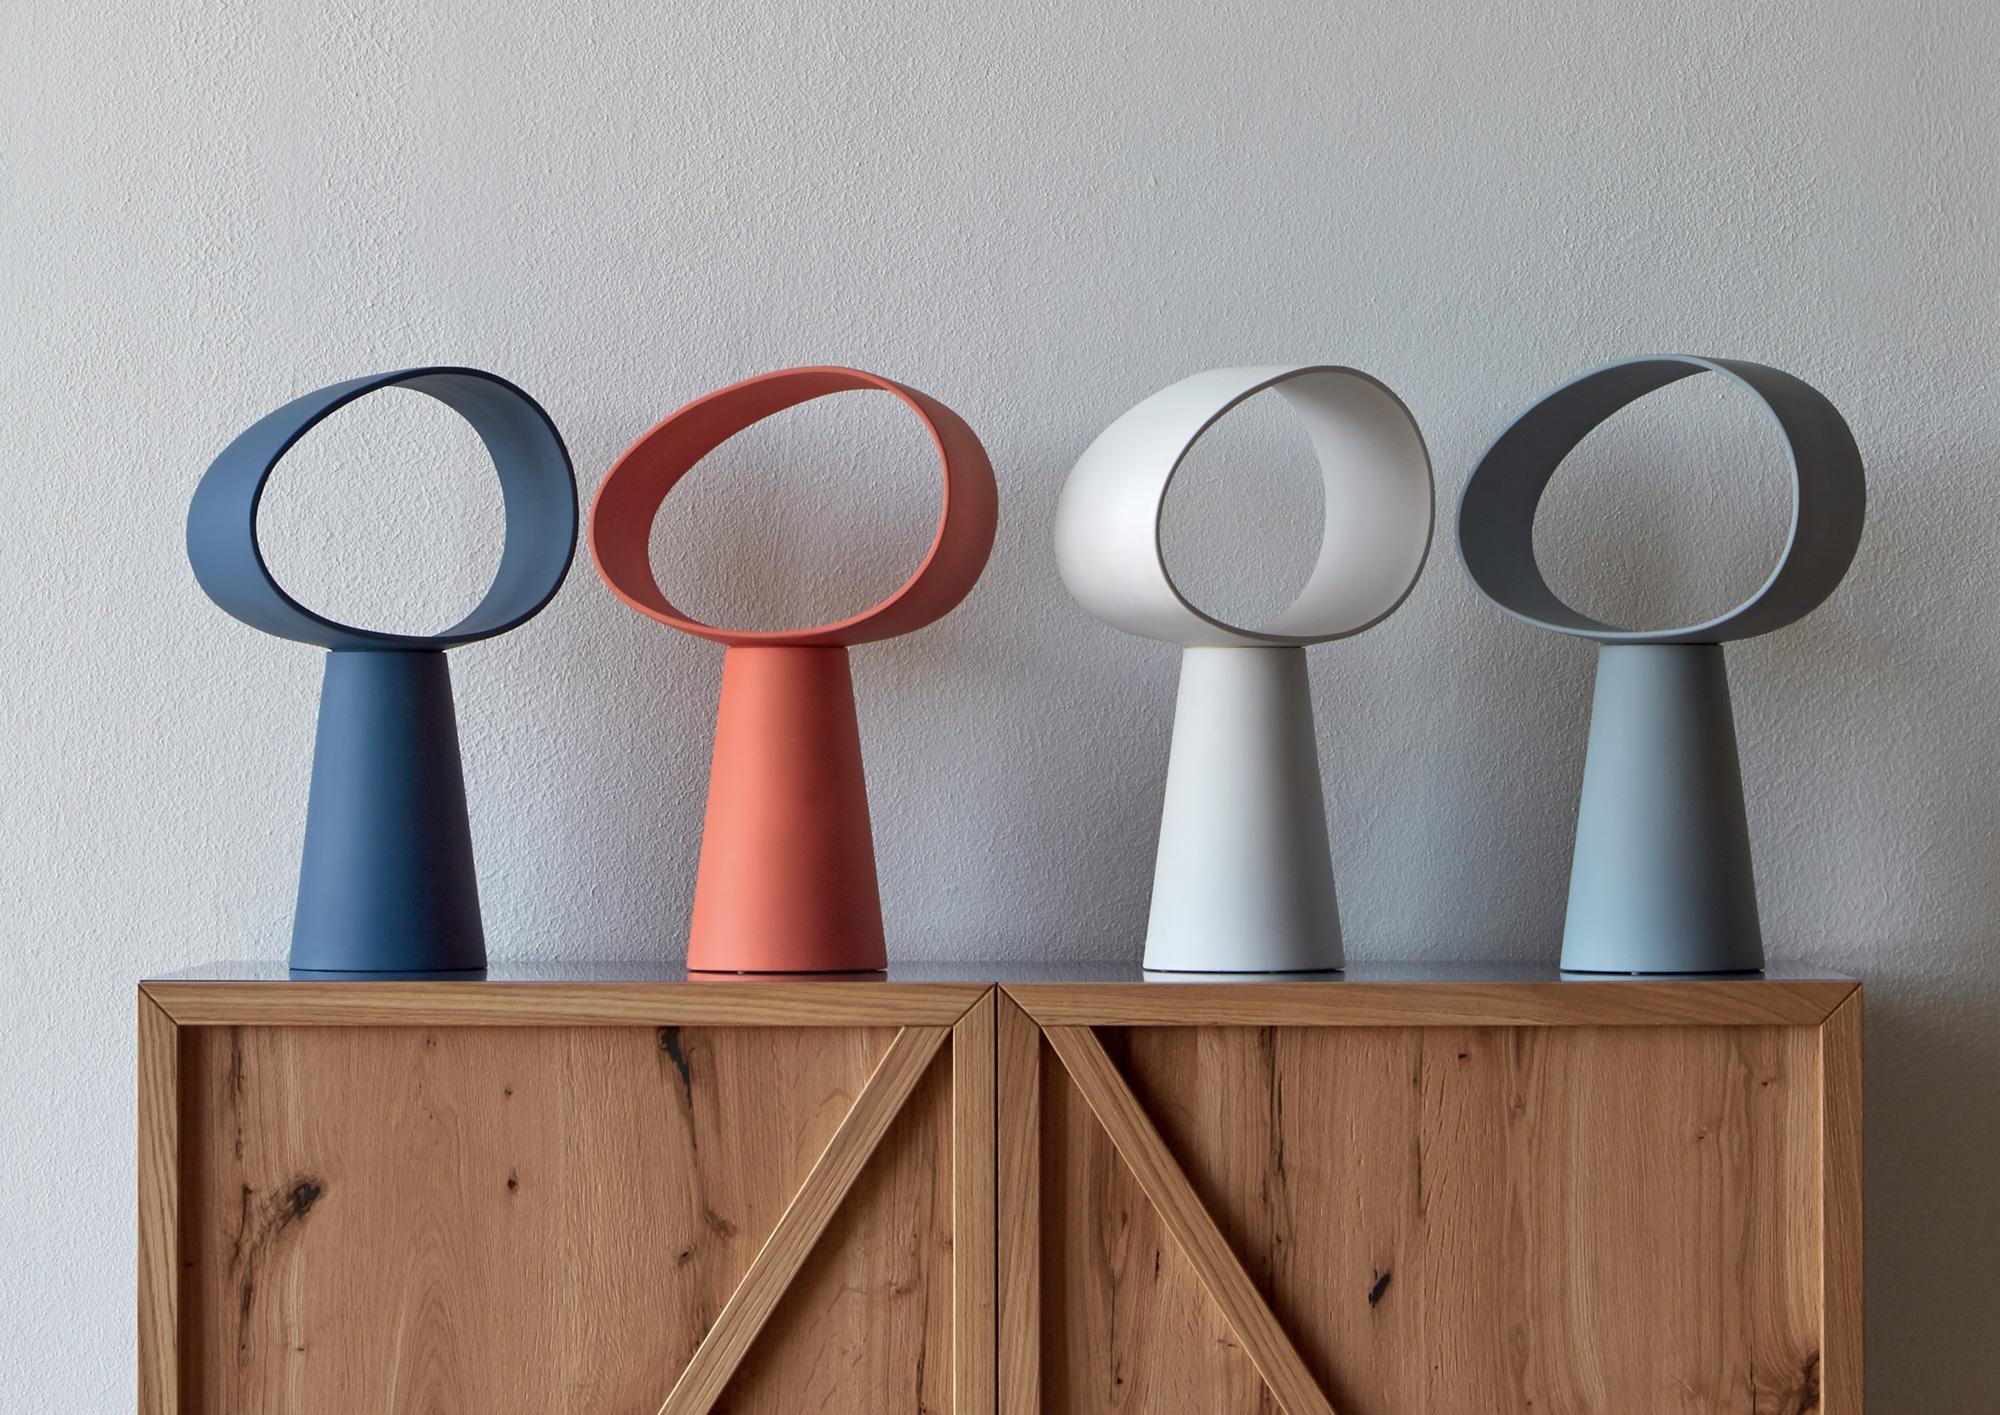 eclisse-lampada-miniforms-e-ggs-3